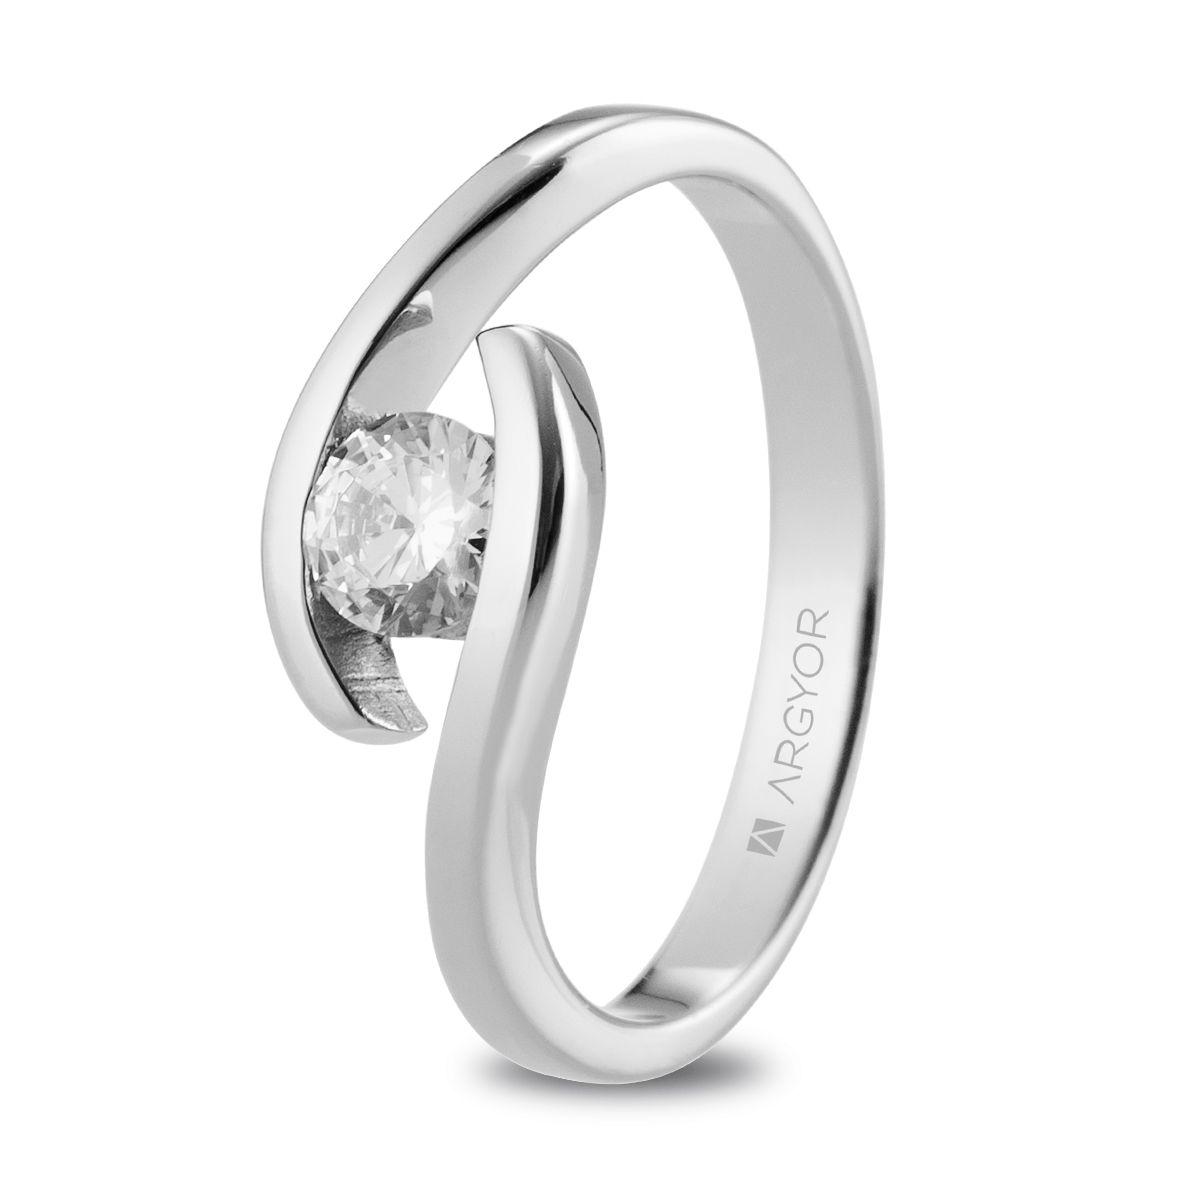 46c073e831b3 Anillo de compromiso Argyor o. blanco 1 diamante 0.35ct. Sortija con un  diamante